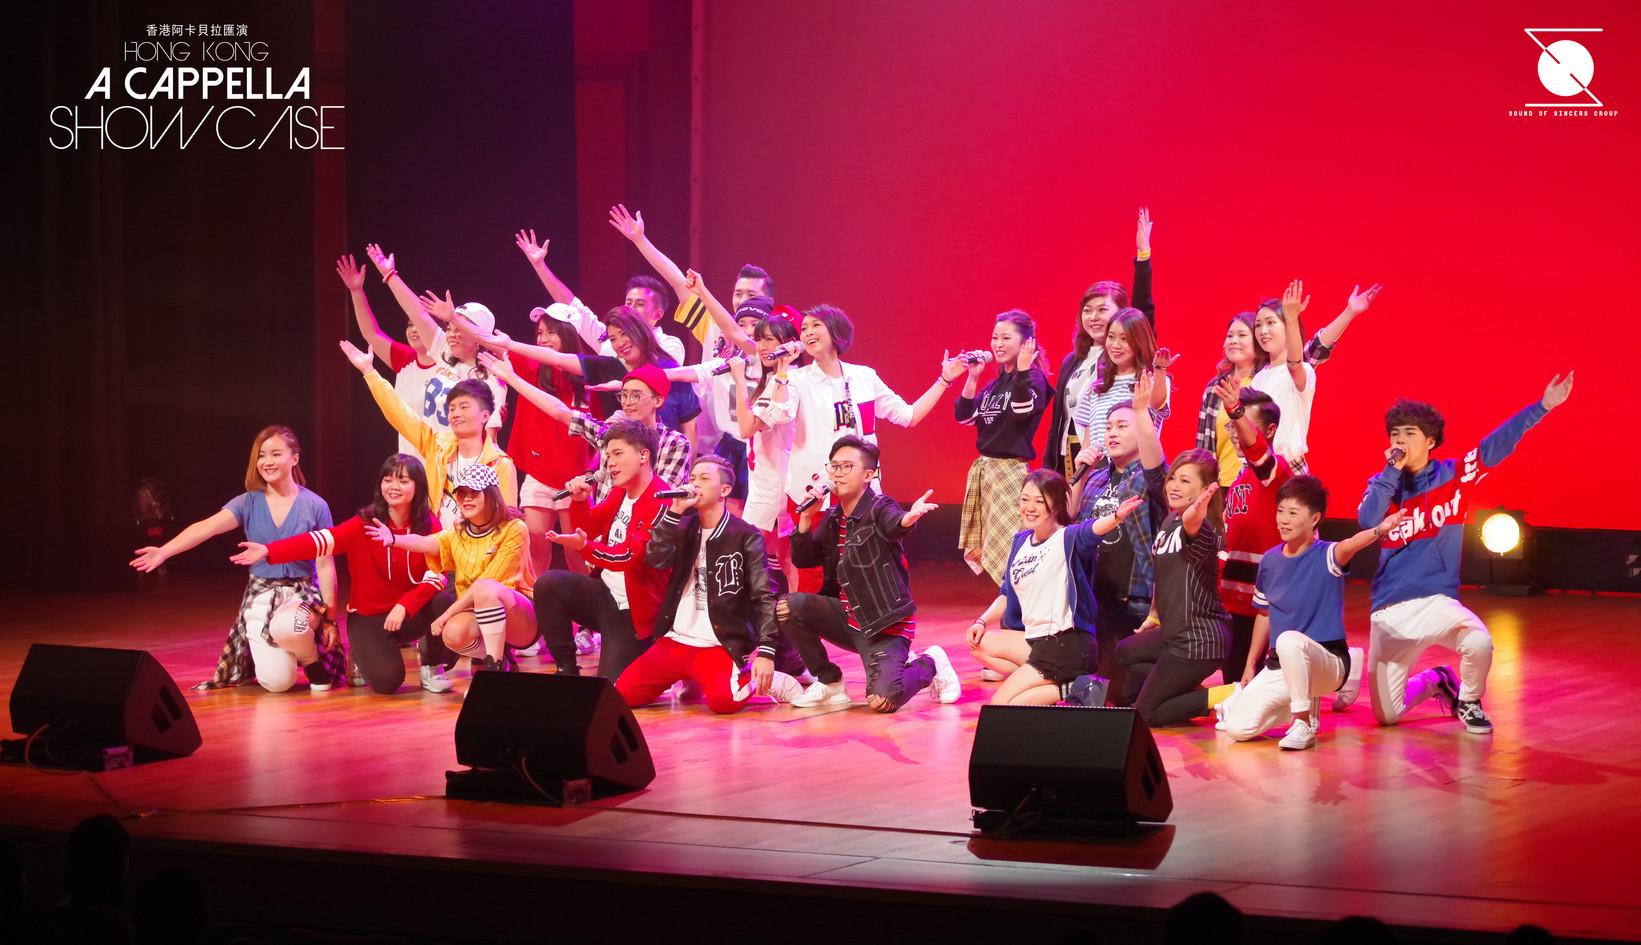 Jo Jo 老師跟學員合力為演出開場,載歌載舞!